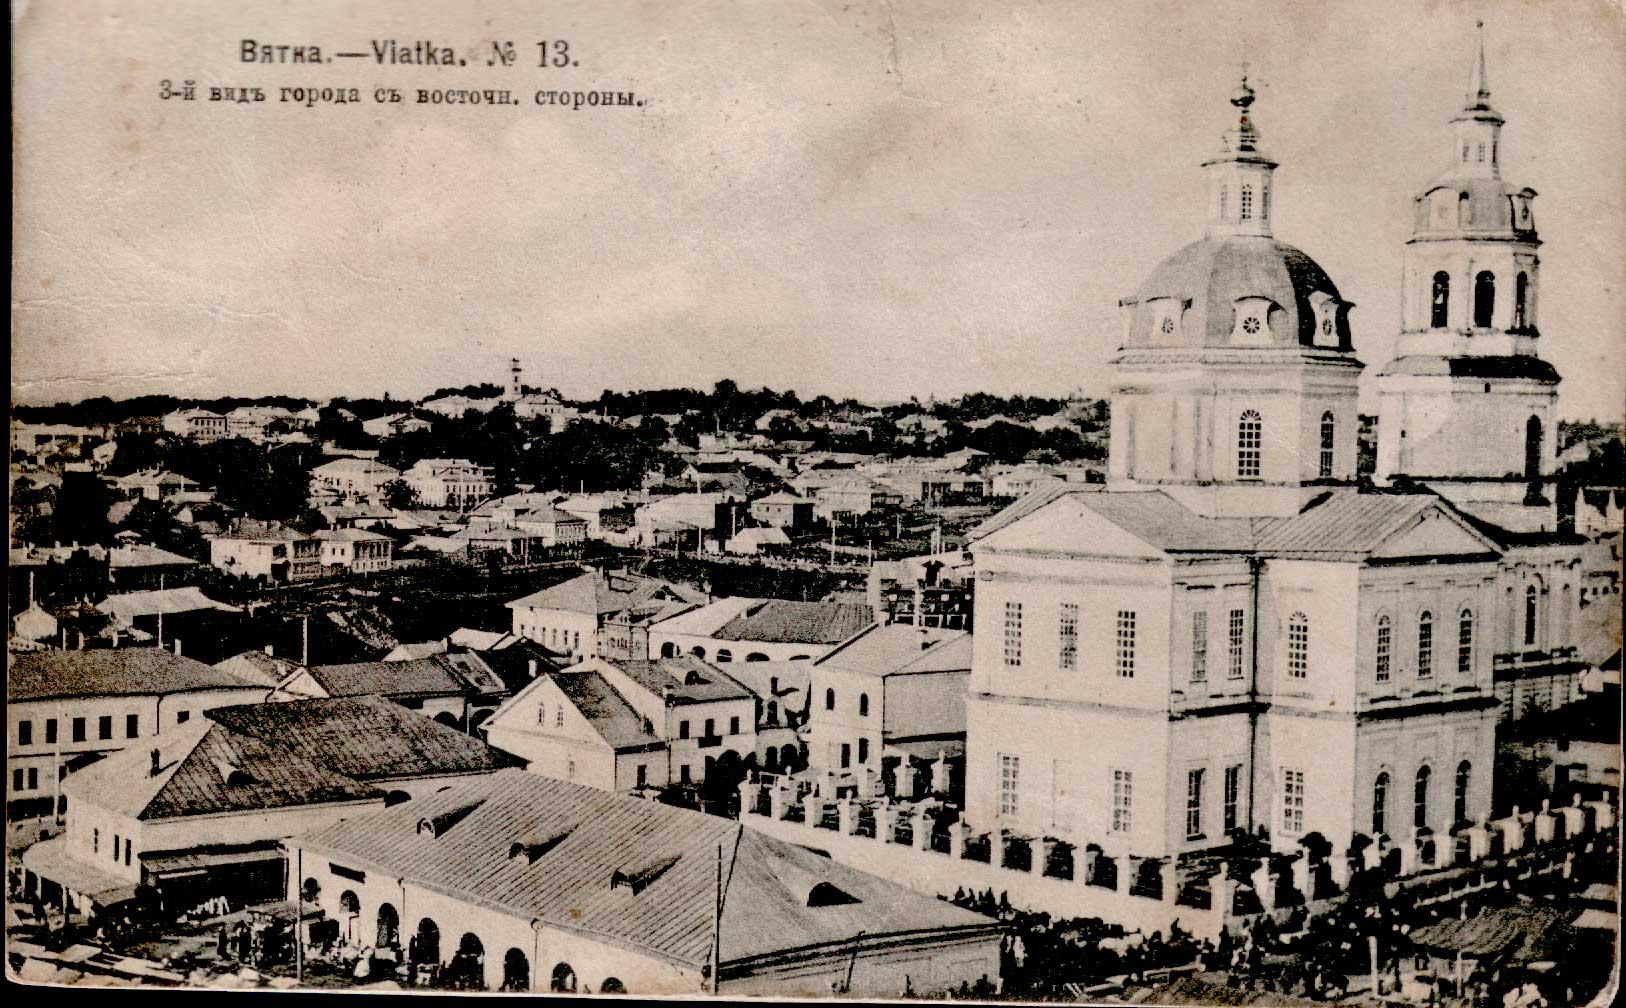 3-й вид города с восточной стороны